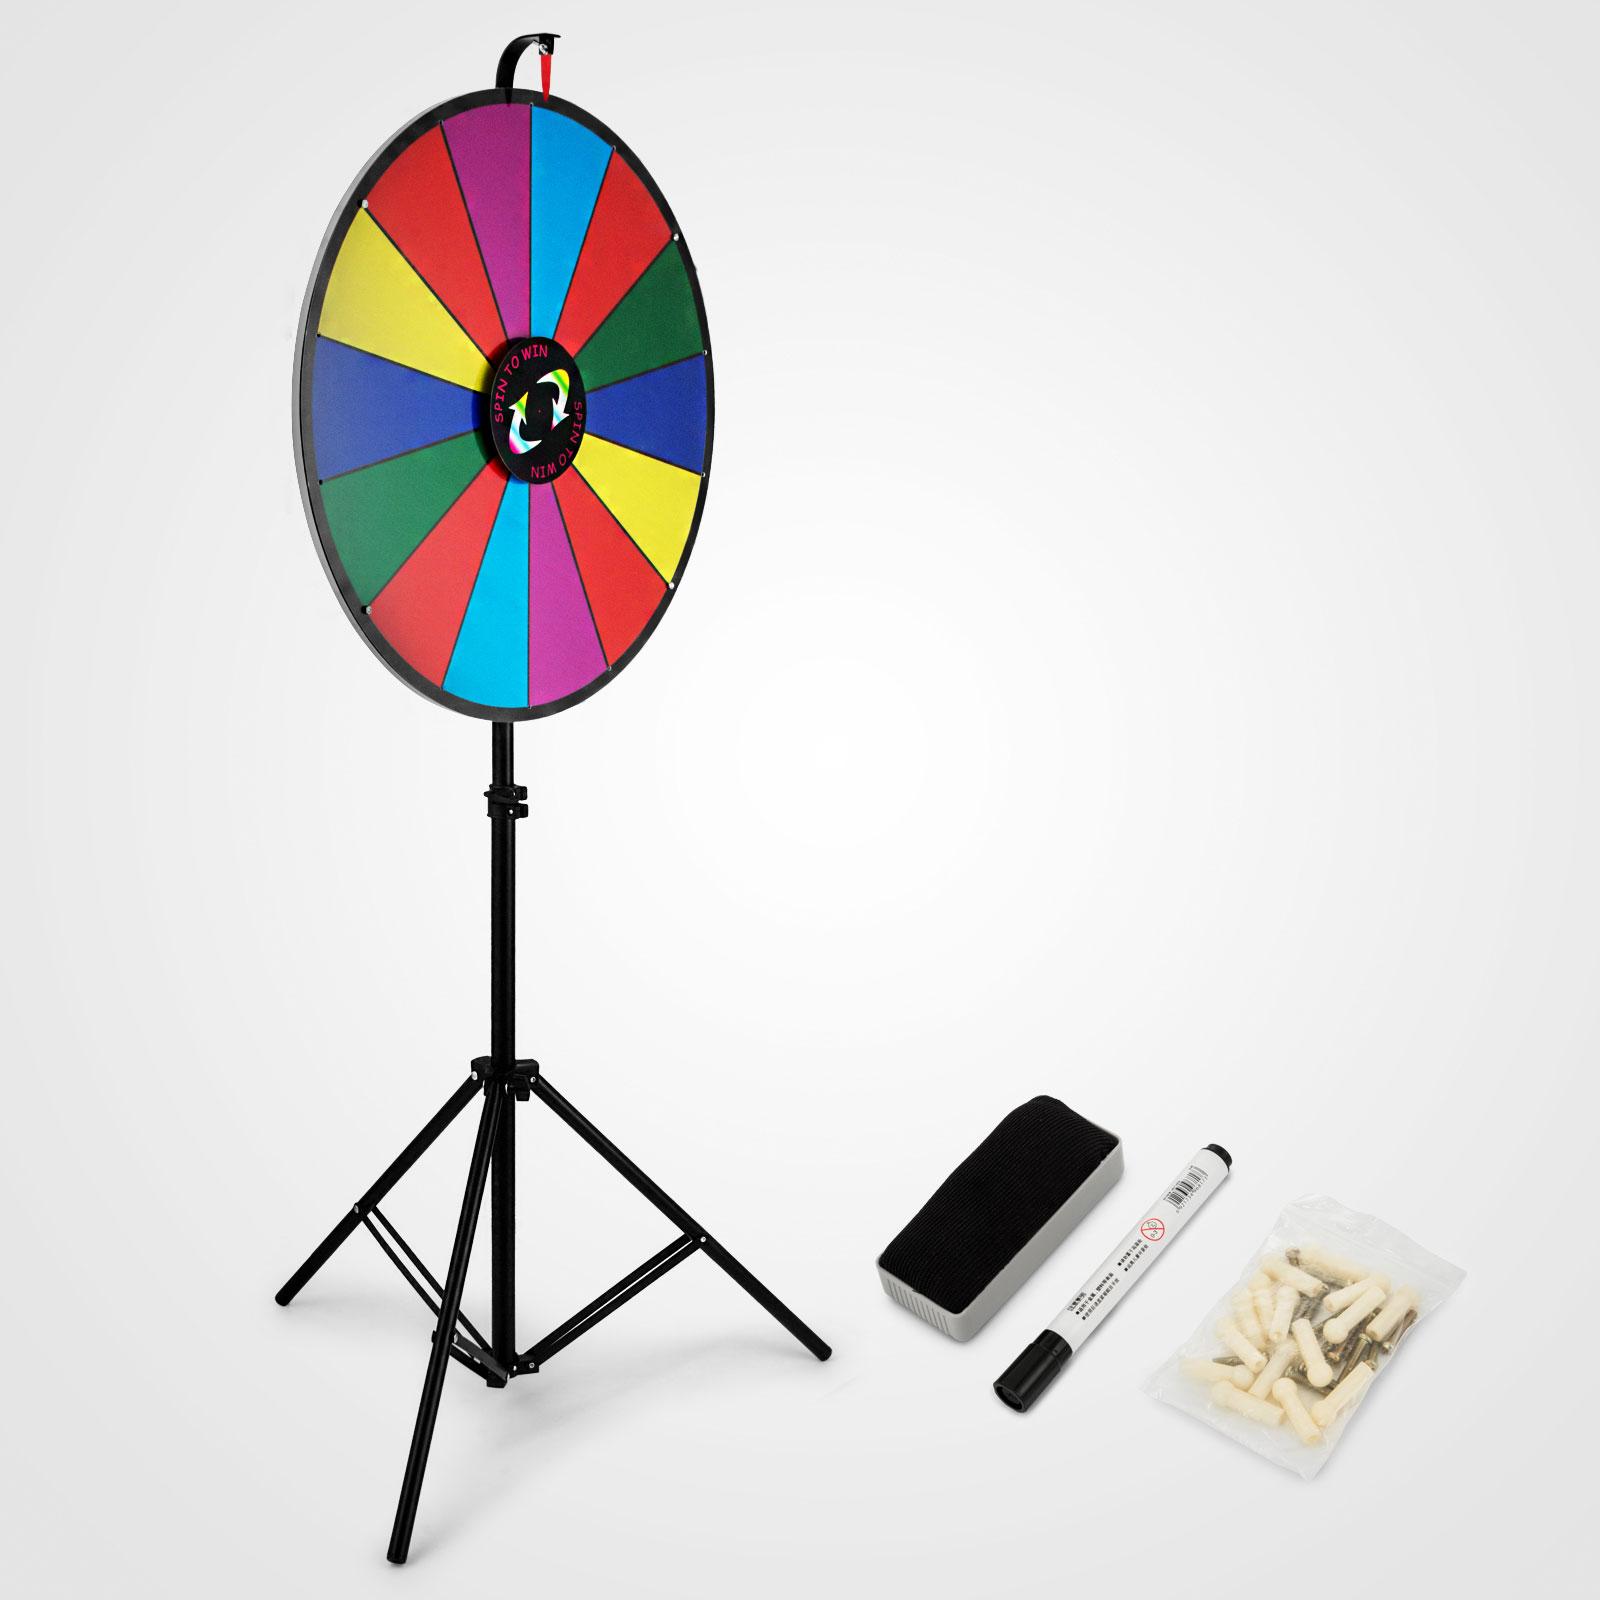 24-18-15-Ruota-Della-Fortuna-di-Colore-14-Slots-Gioco-Spin-Con-Supporto-Festa miniatura 76